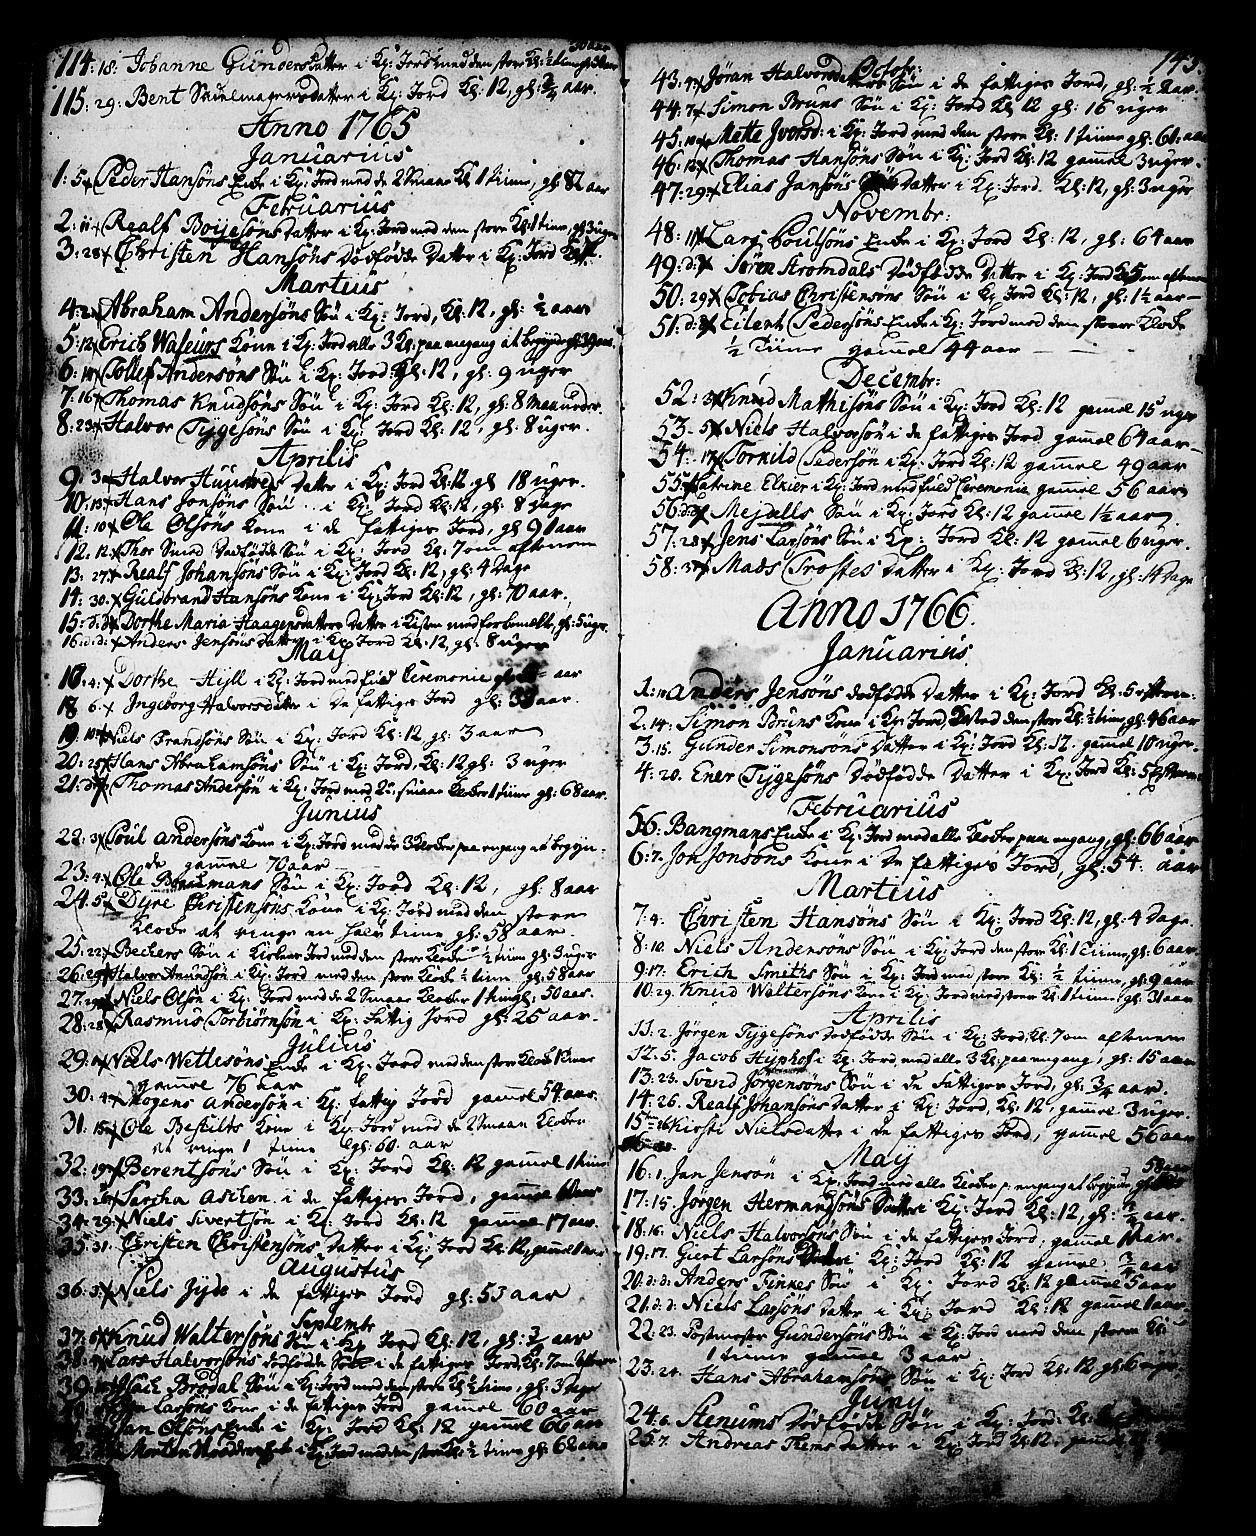 SAKO, Skien kirkebøker, G/Ga/L0001: Klokkerbok nr. 1, 1756-1791, s. 143